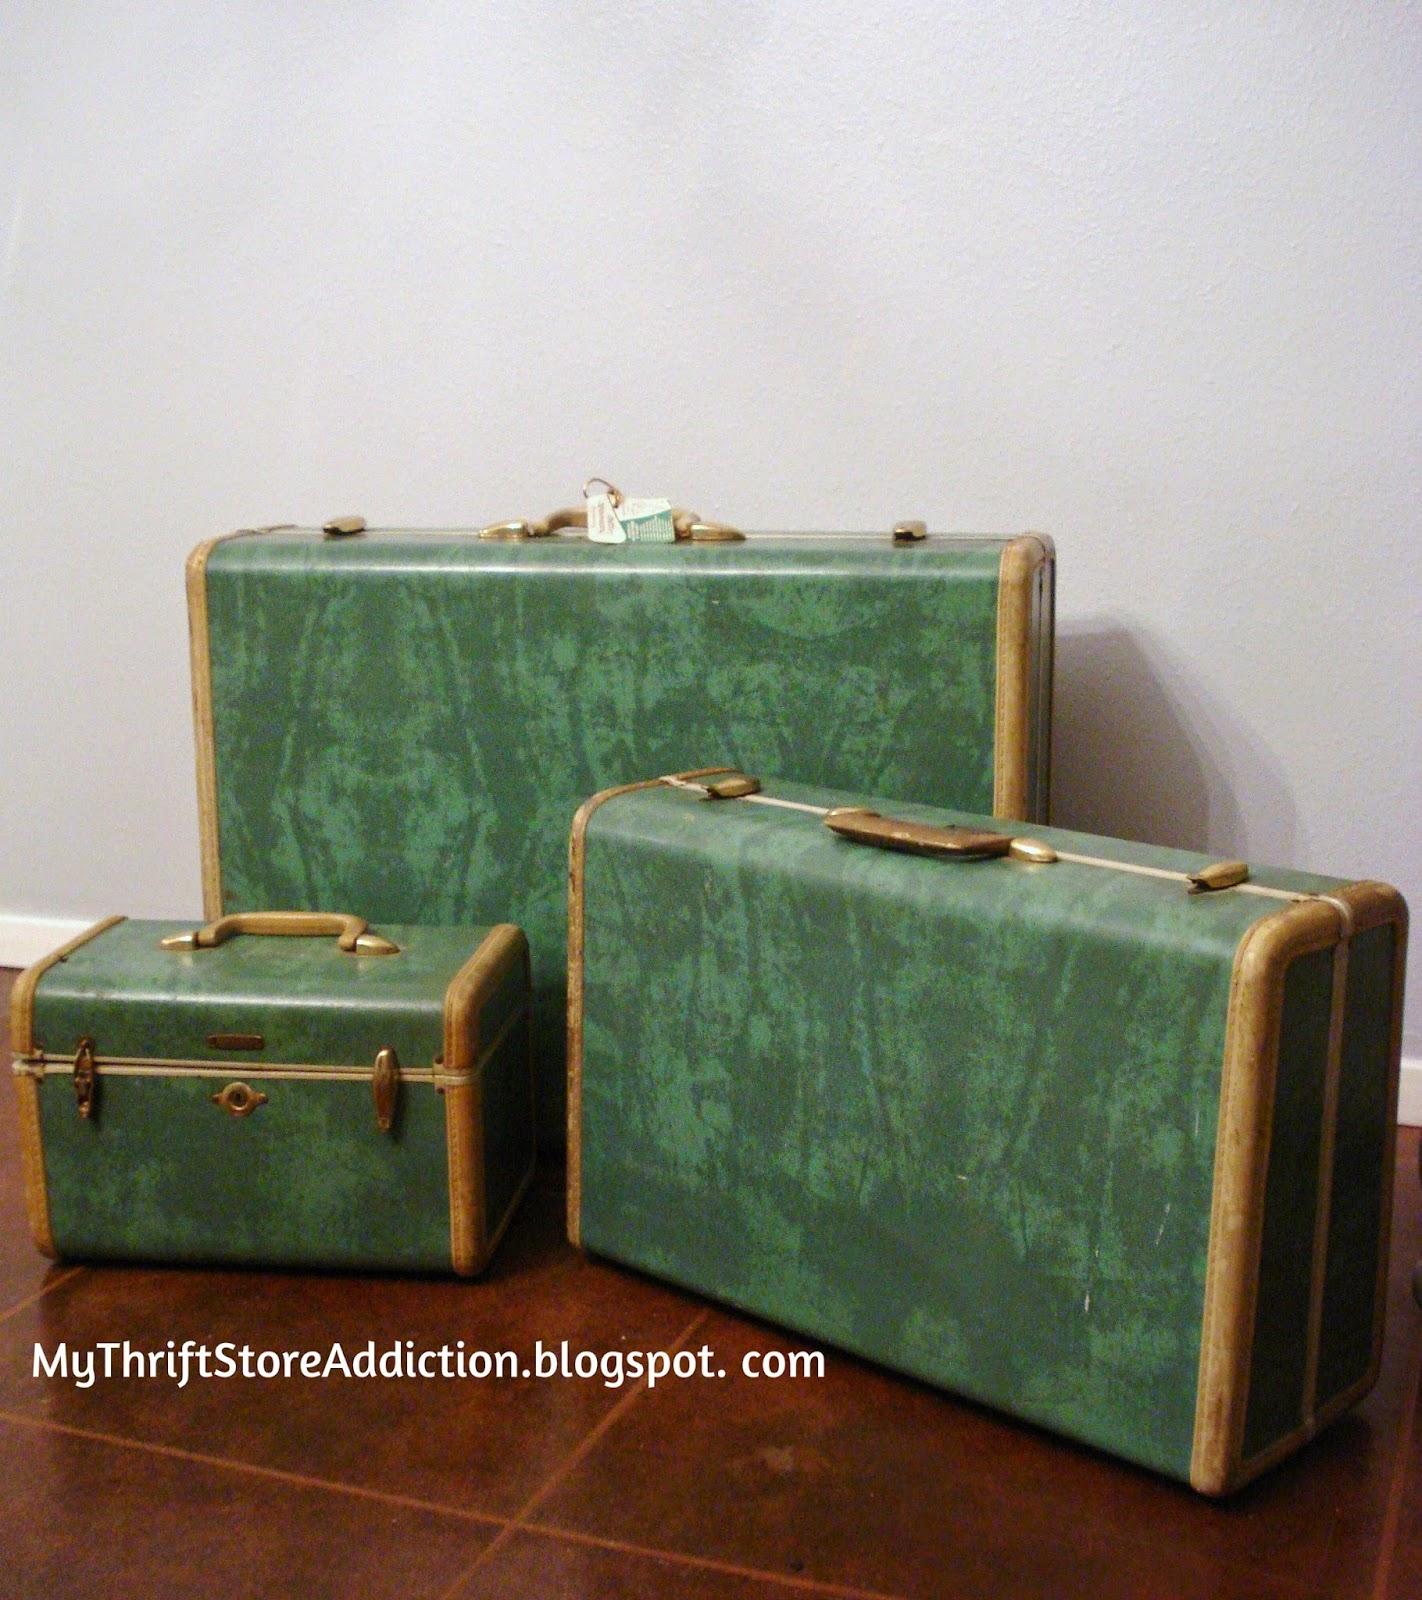 Vintage Samsonite luggage set